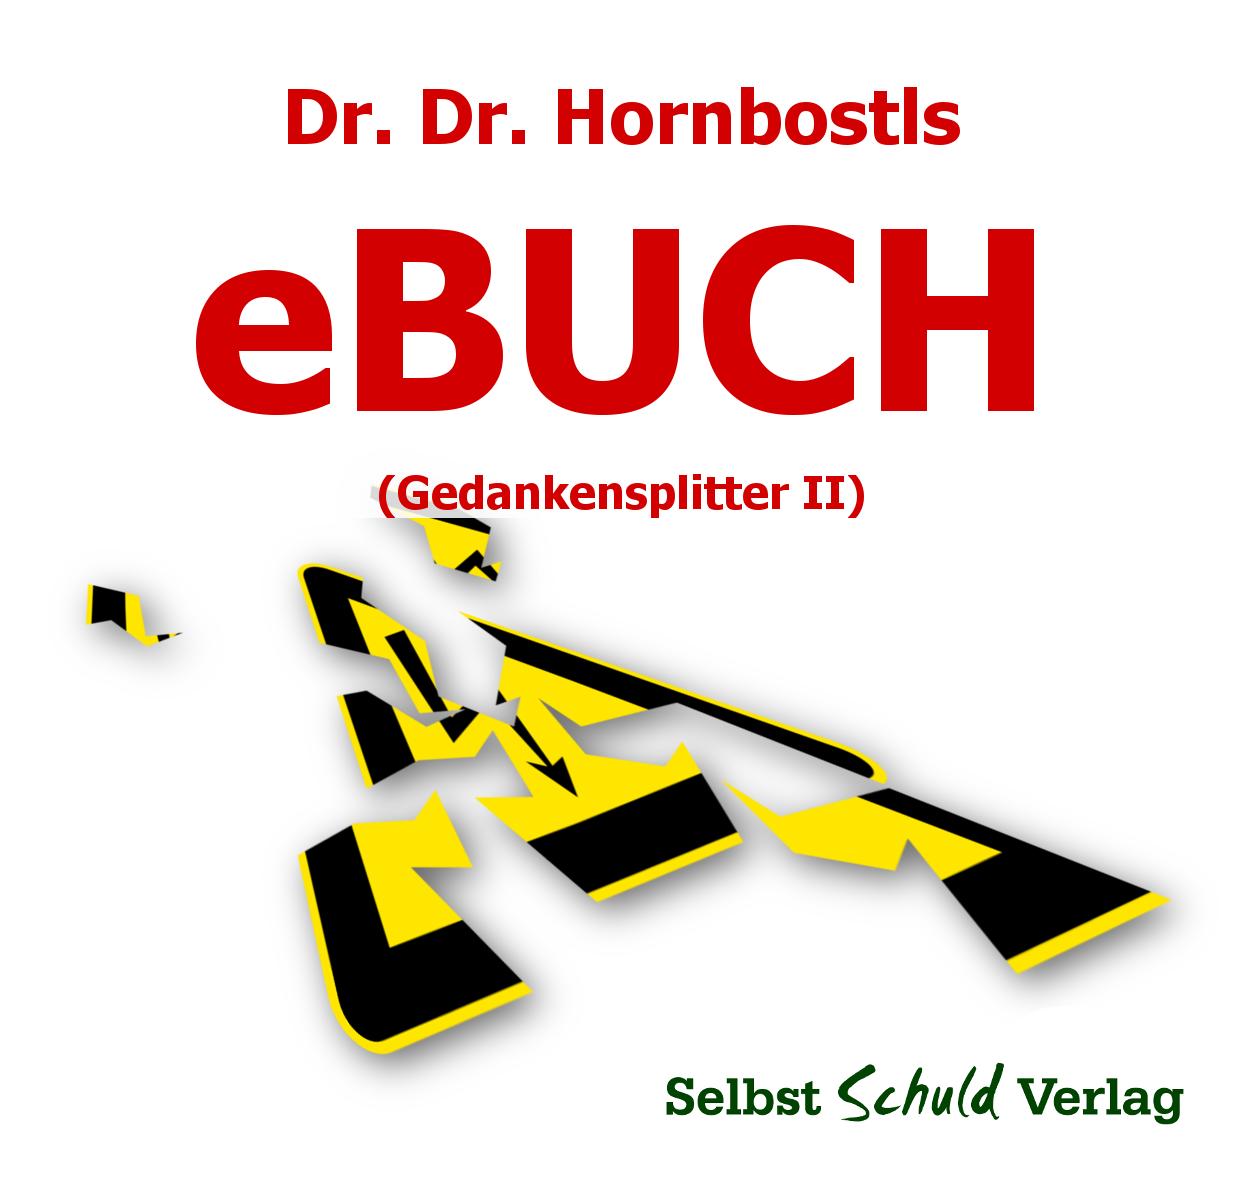 Dr.Dr. Hornbostls eBUCH (Gedankensplitter II)